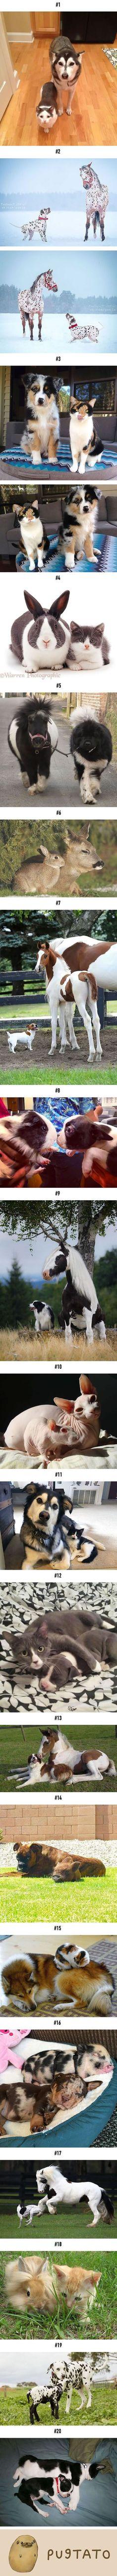 Ähnlichkeiten unter verschiedenen Tieren